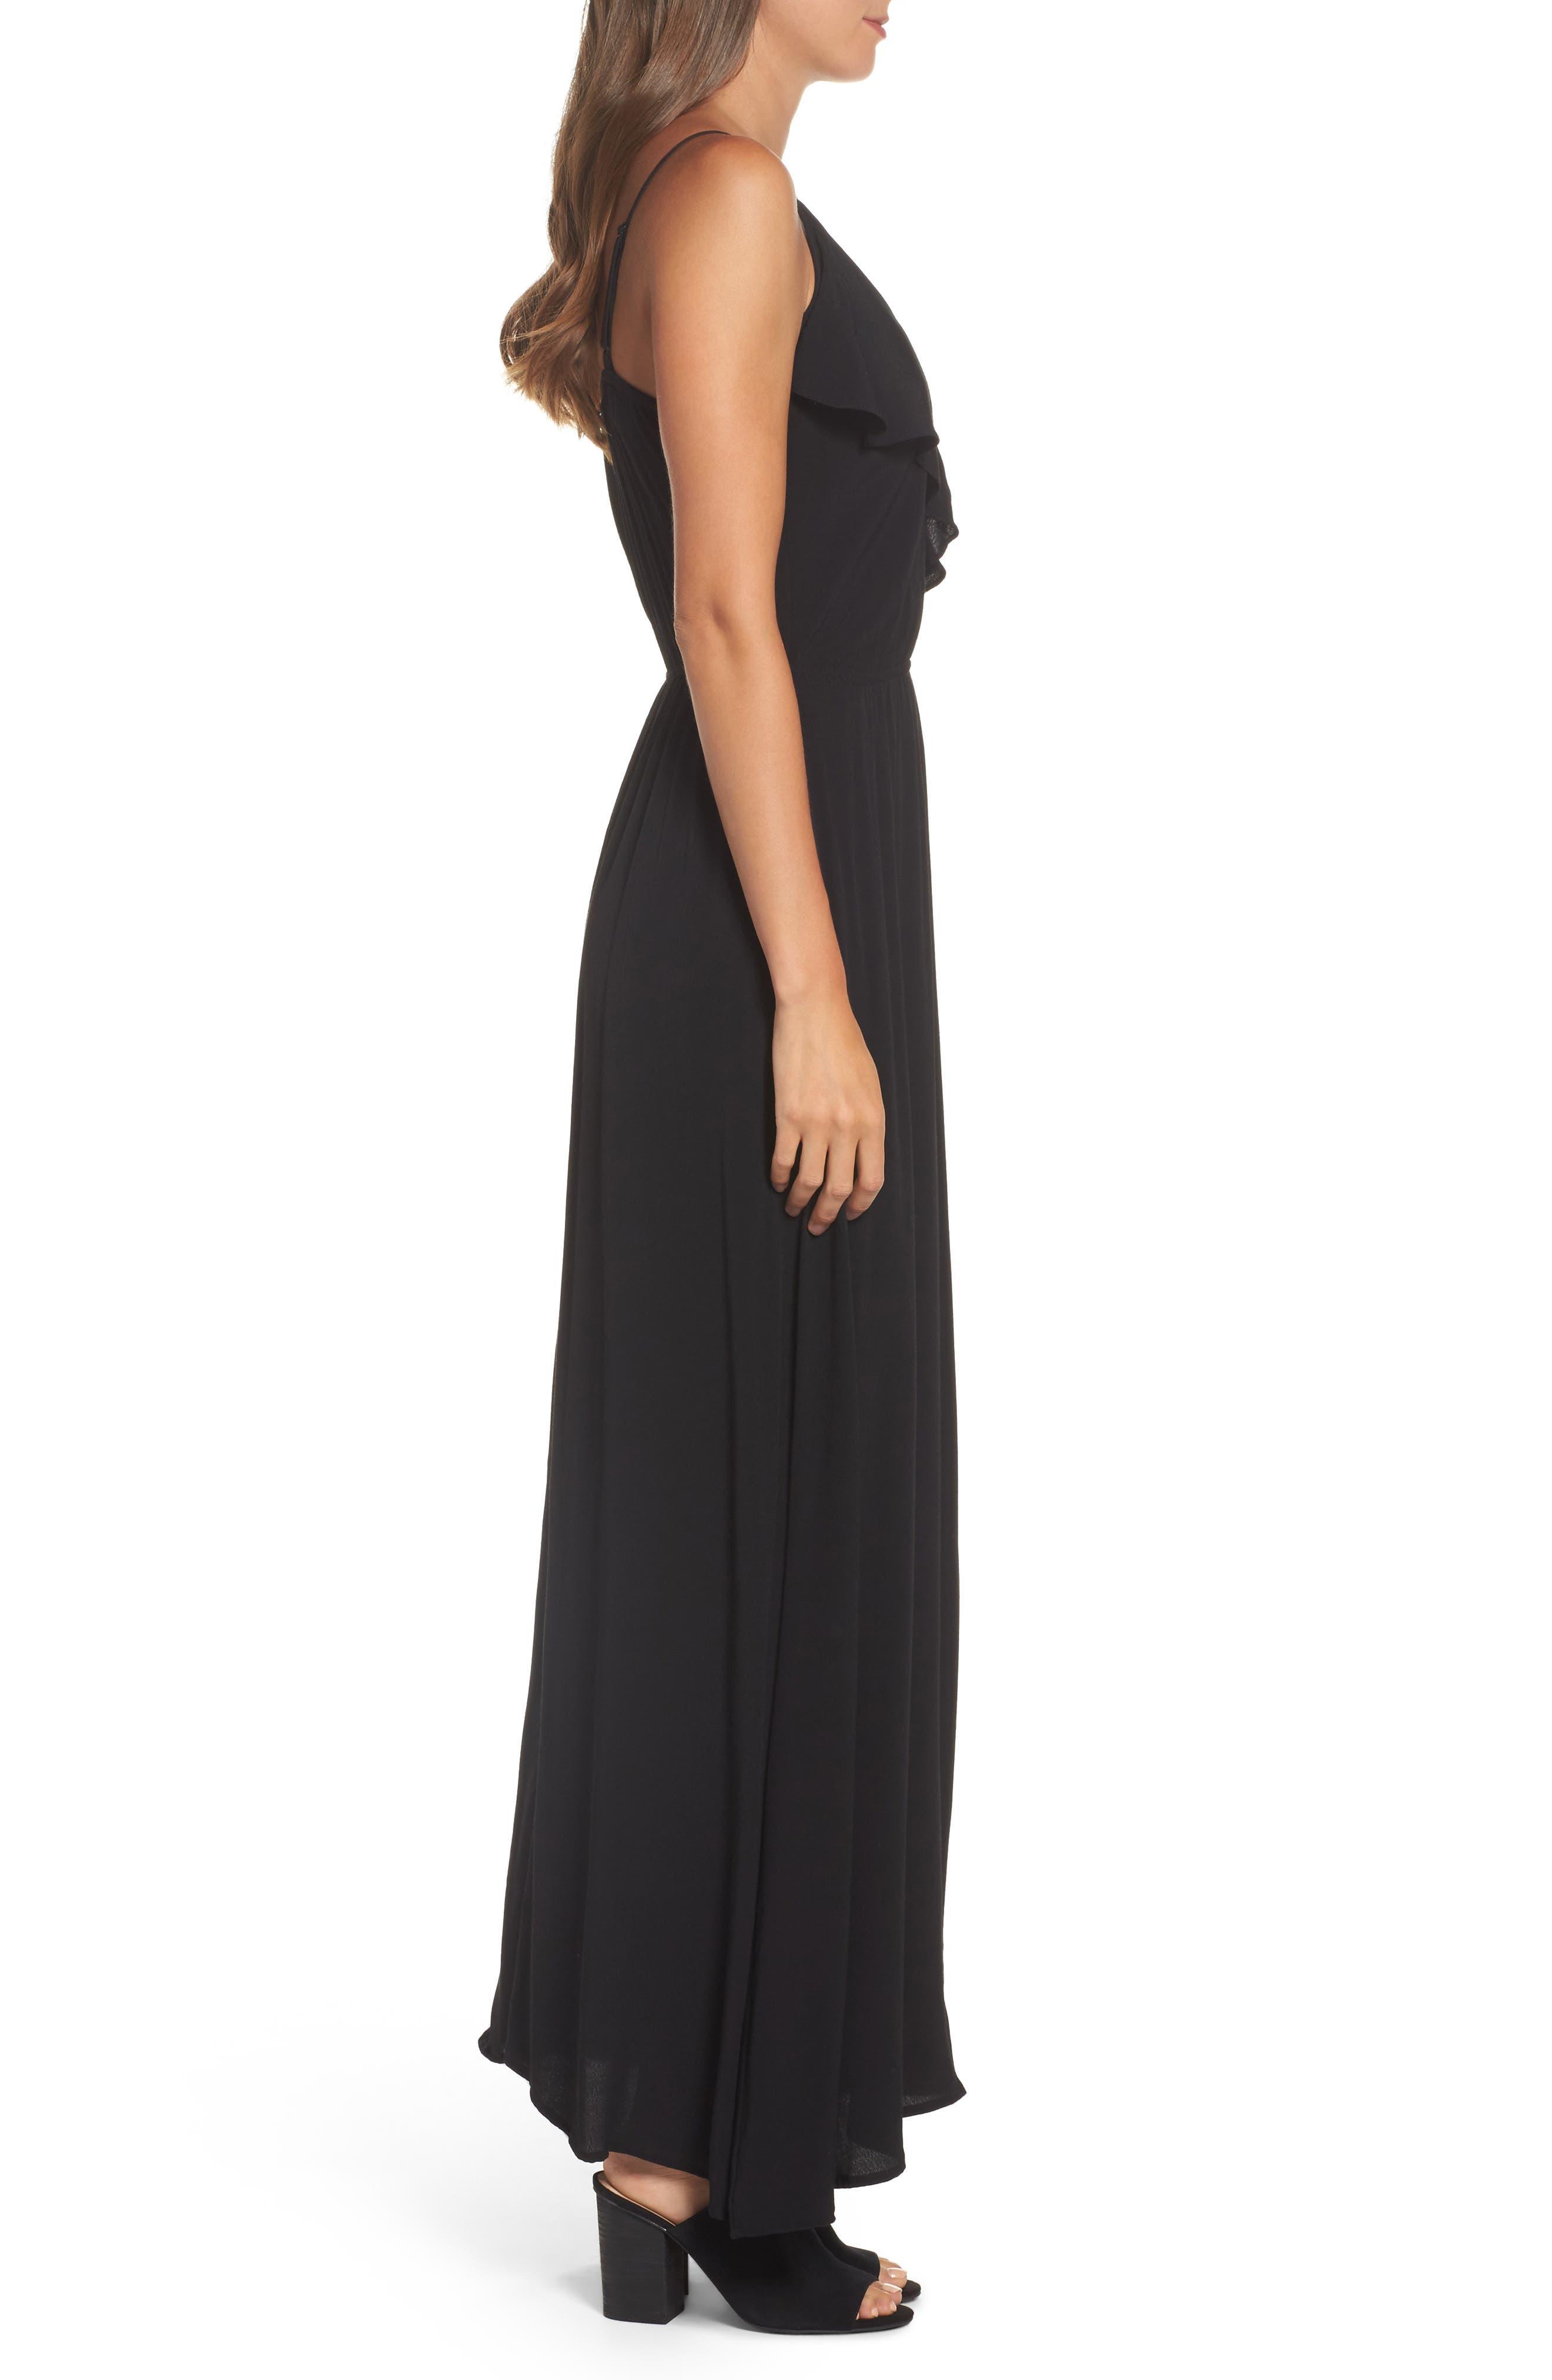 Blouson Maxi Dress,                             Alternate thumbnail 3, color,                             BLACK